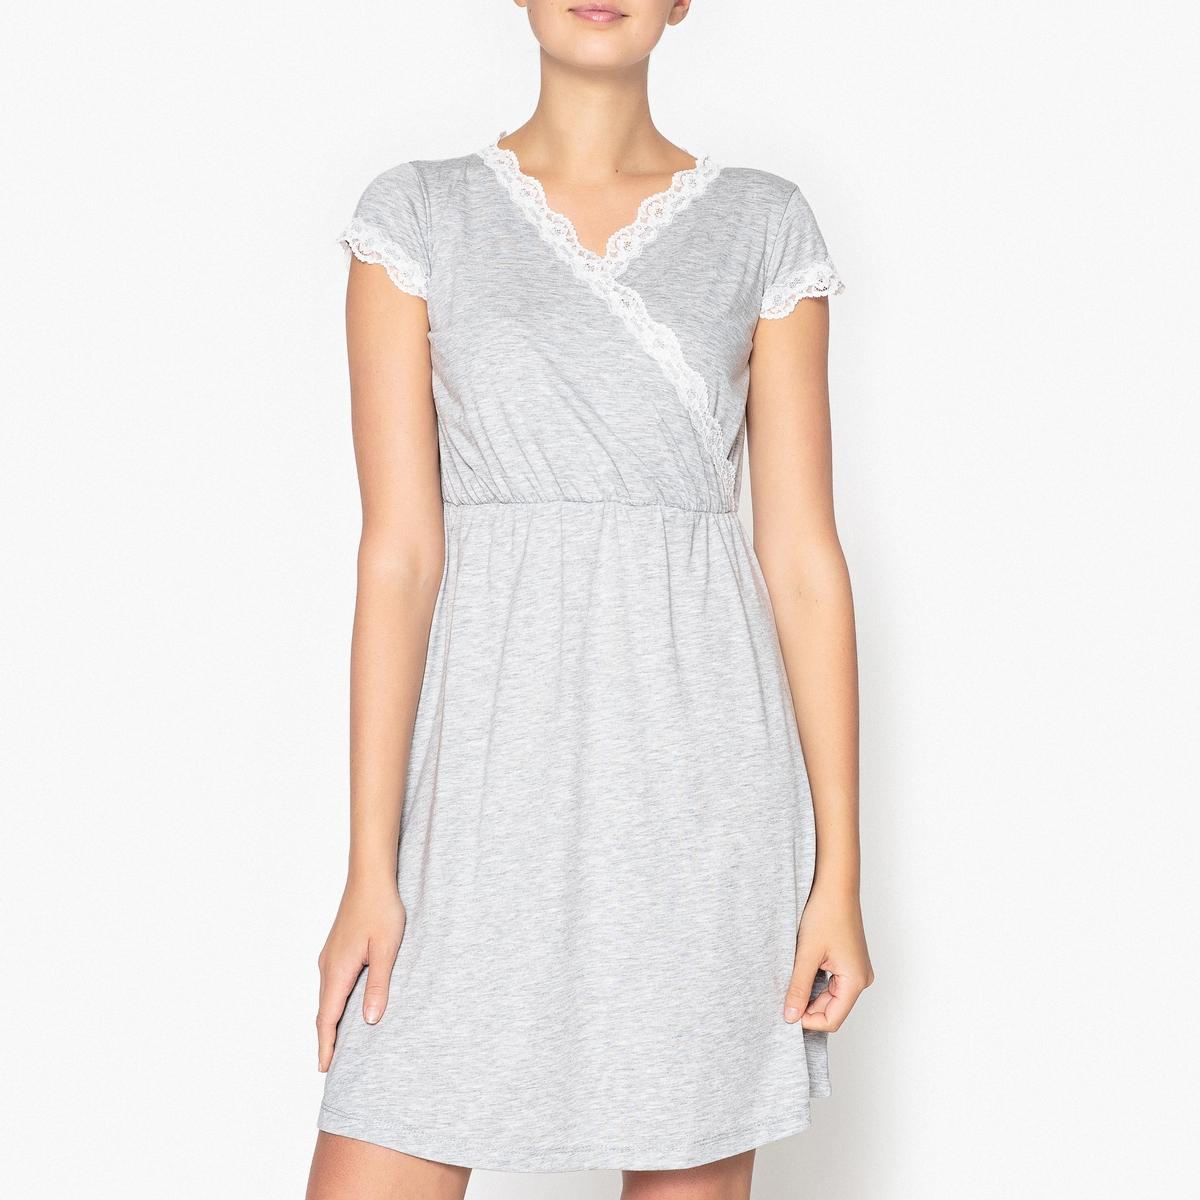 Рубашка ночная с кружевными вставкамиНочная рубашка с кружевной отделкой выреза и рукавов, невероятно женственная . Состав и описаниеСорочка ночная с короткими рукавами. V-образный вырез. Кружевные вставки на вырезе и рукавах .Эластичная высокая талия Материал : 62% полиэстера, 38% вискозы Длина : 90 смУход: :машинная стирка при 30 °С, стирать с вещами схожих цветов.Стирать и гладить с изнанки не использовать барабанную сушку .<br><br>Цвет: серый меланж<br>Размер: 34/36 (FR) - 40/42 (RUS).38/40 (FR) - 44/46 (RUS).50/52 (FR) - 56/58 (RUS).46/48 (FR) - 52/54 (RUS)